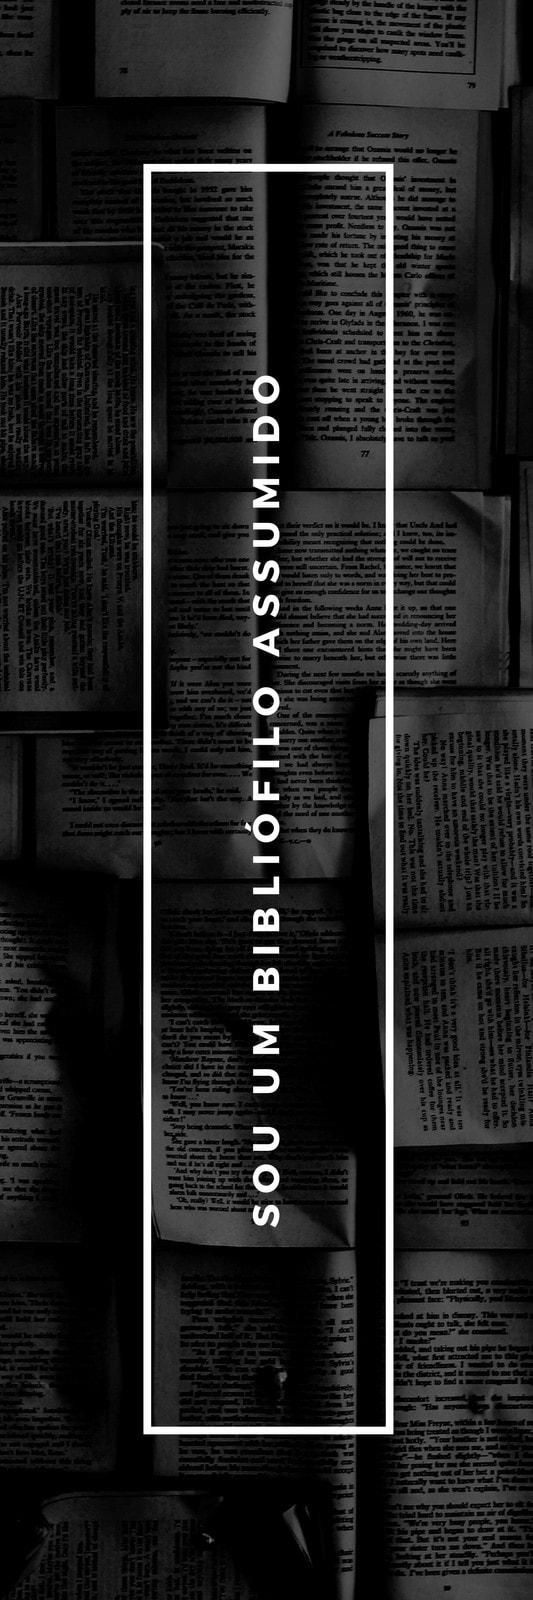 Preto e Branco Livros Bibliófilo Marcador de Páginas